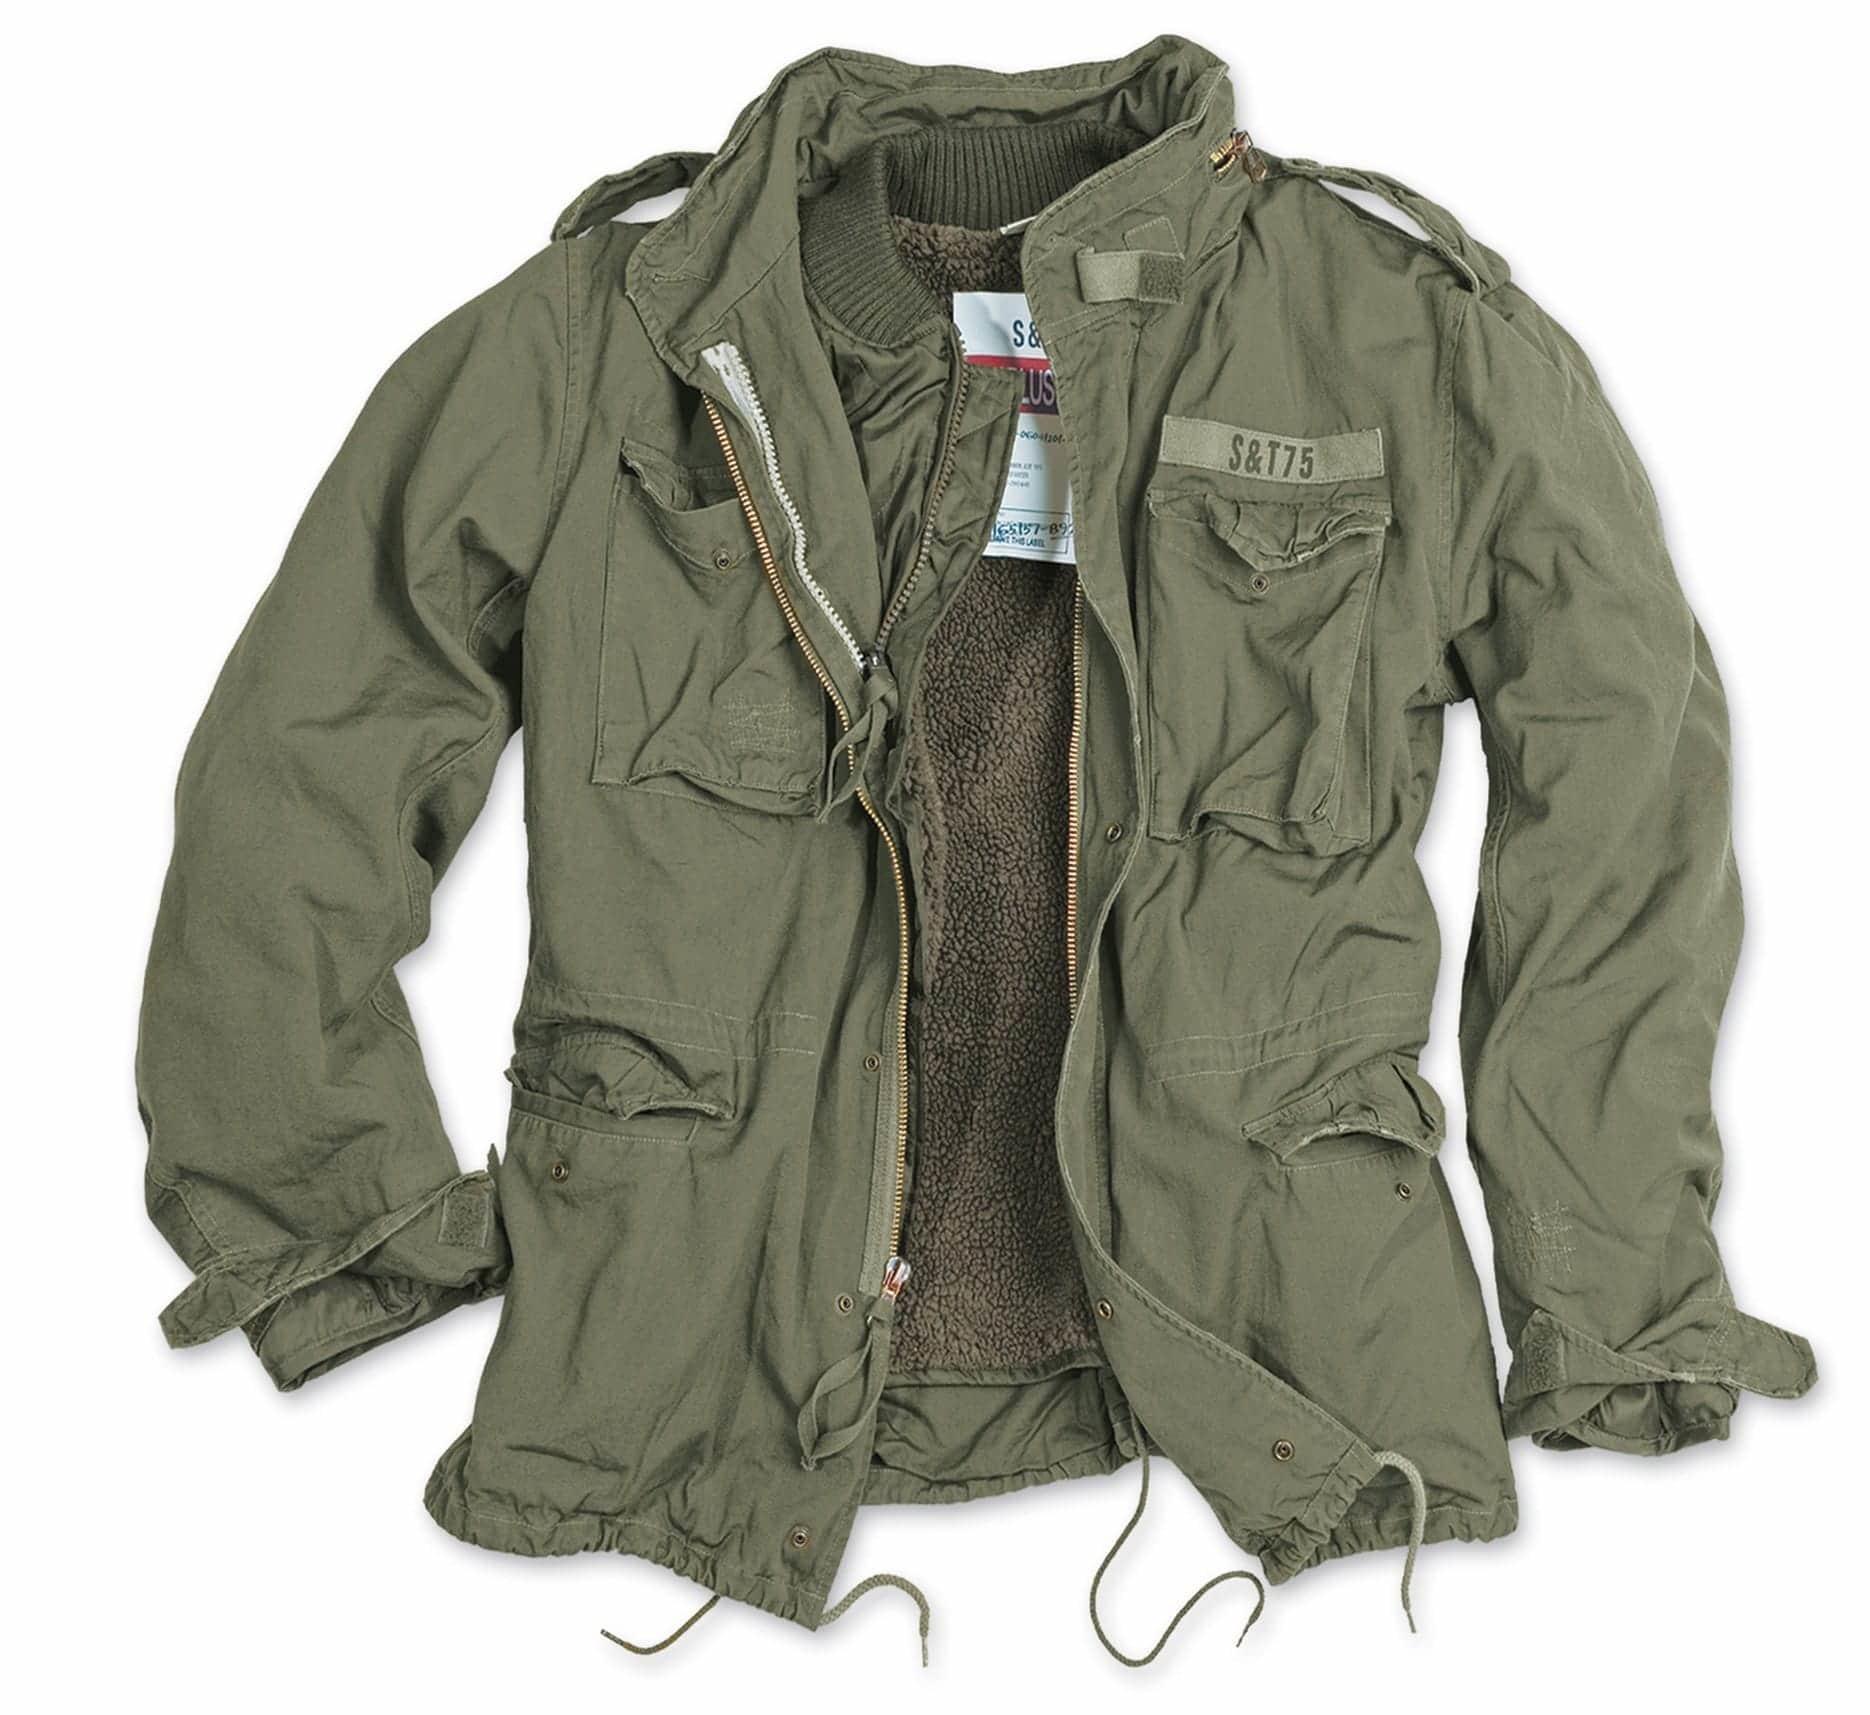 Куртка полевая Surplus M-65 Regiment Vintage (олива - olive)